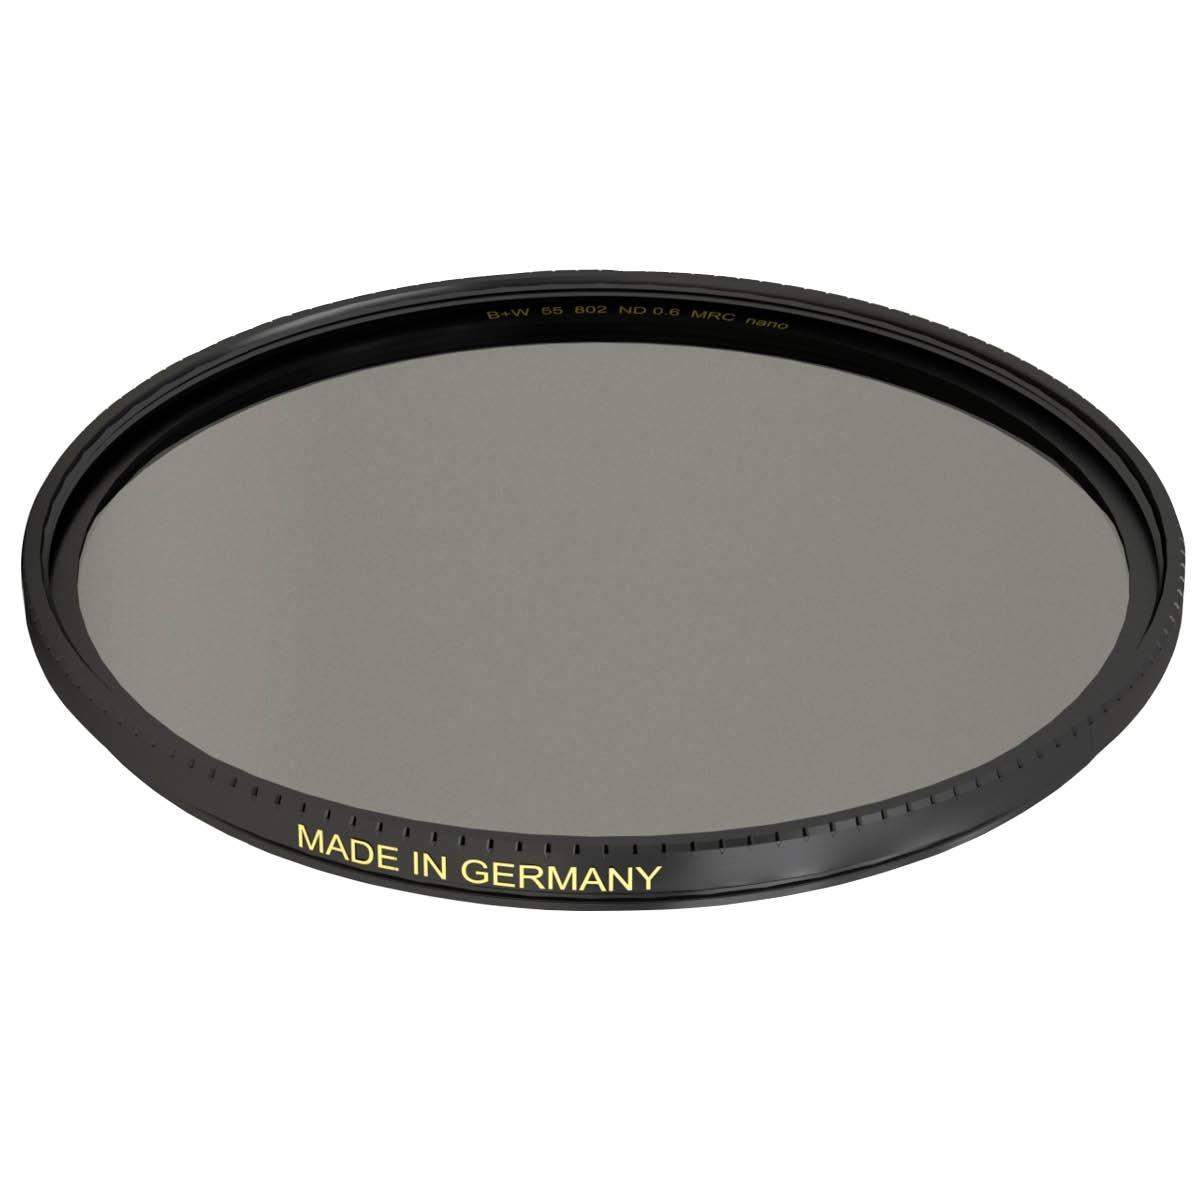 B+W Graufilter 40,5 mm XS-Pro +2